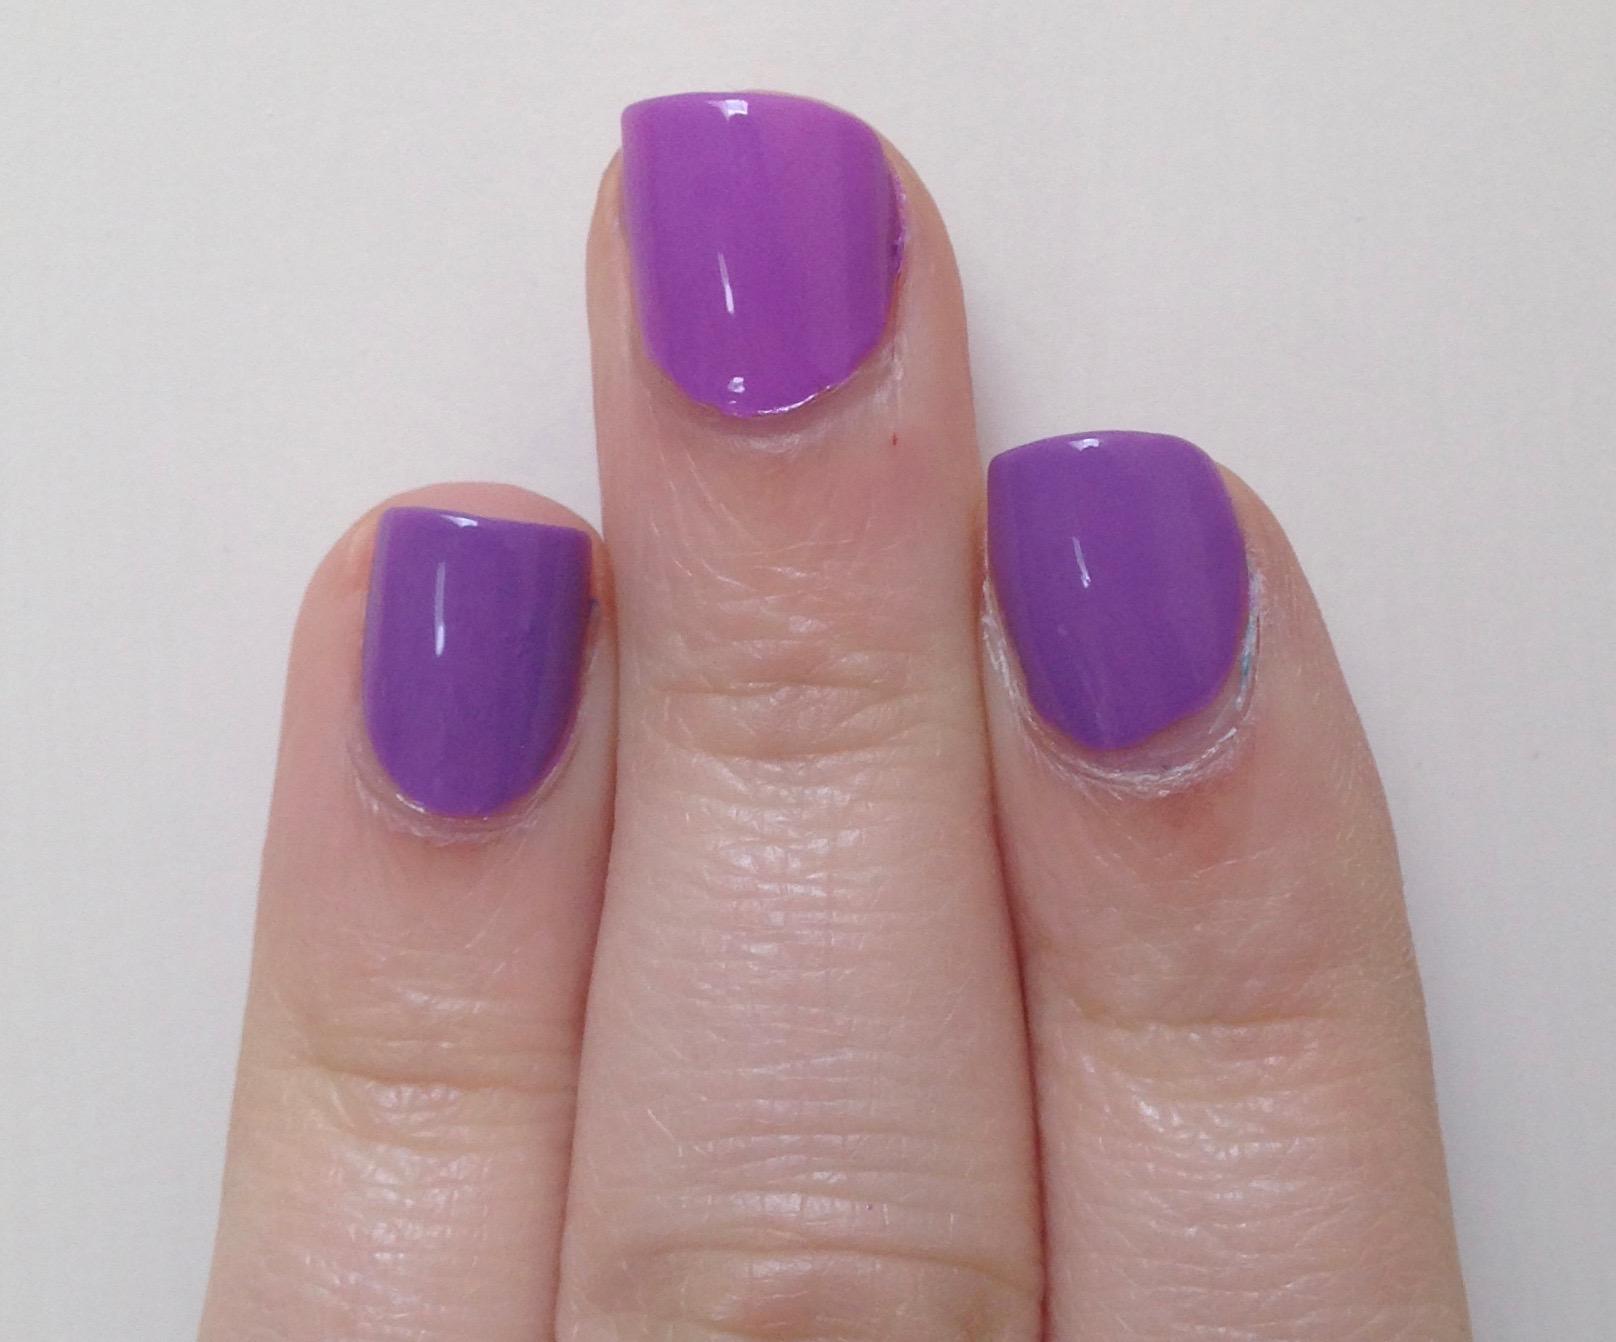 Dare To Compare Milani Imperial Purple Vs Essie Play Date